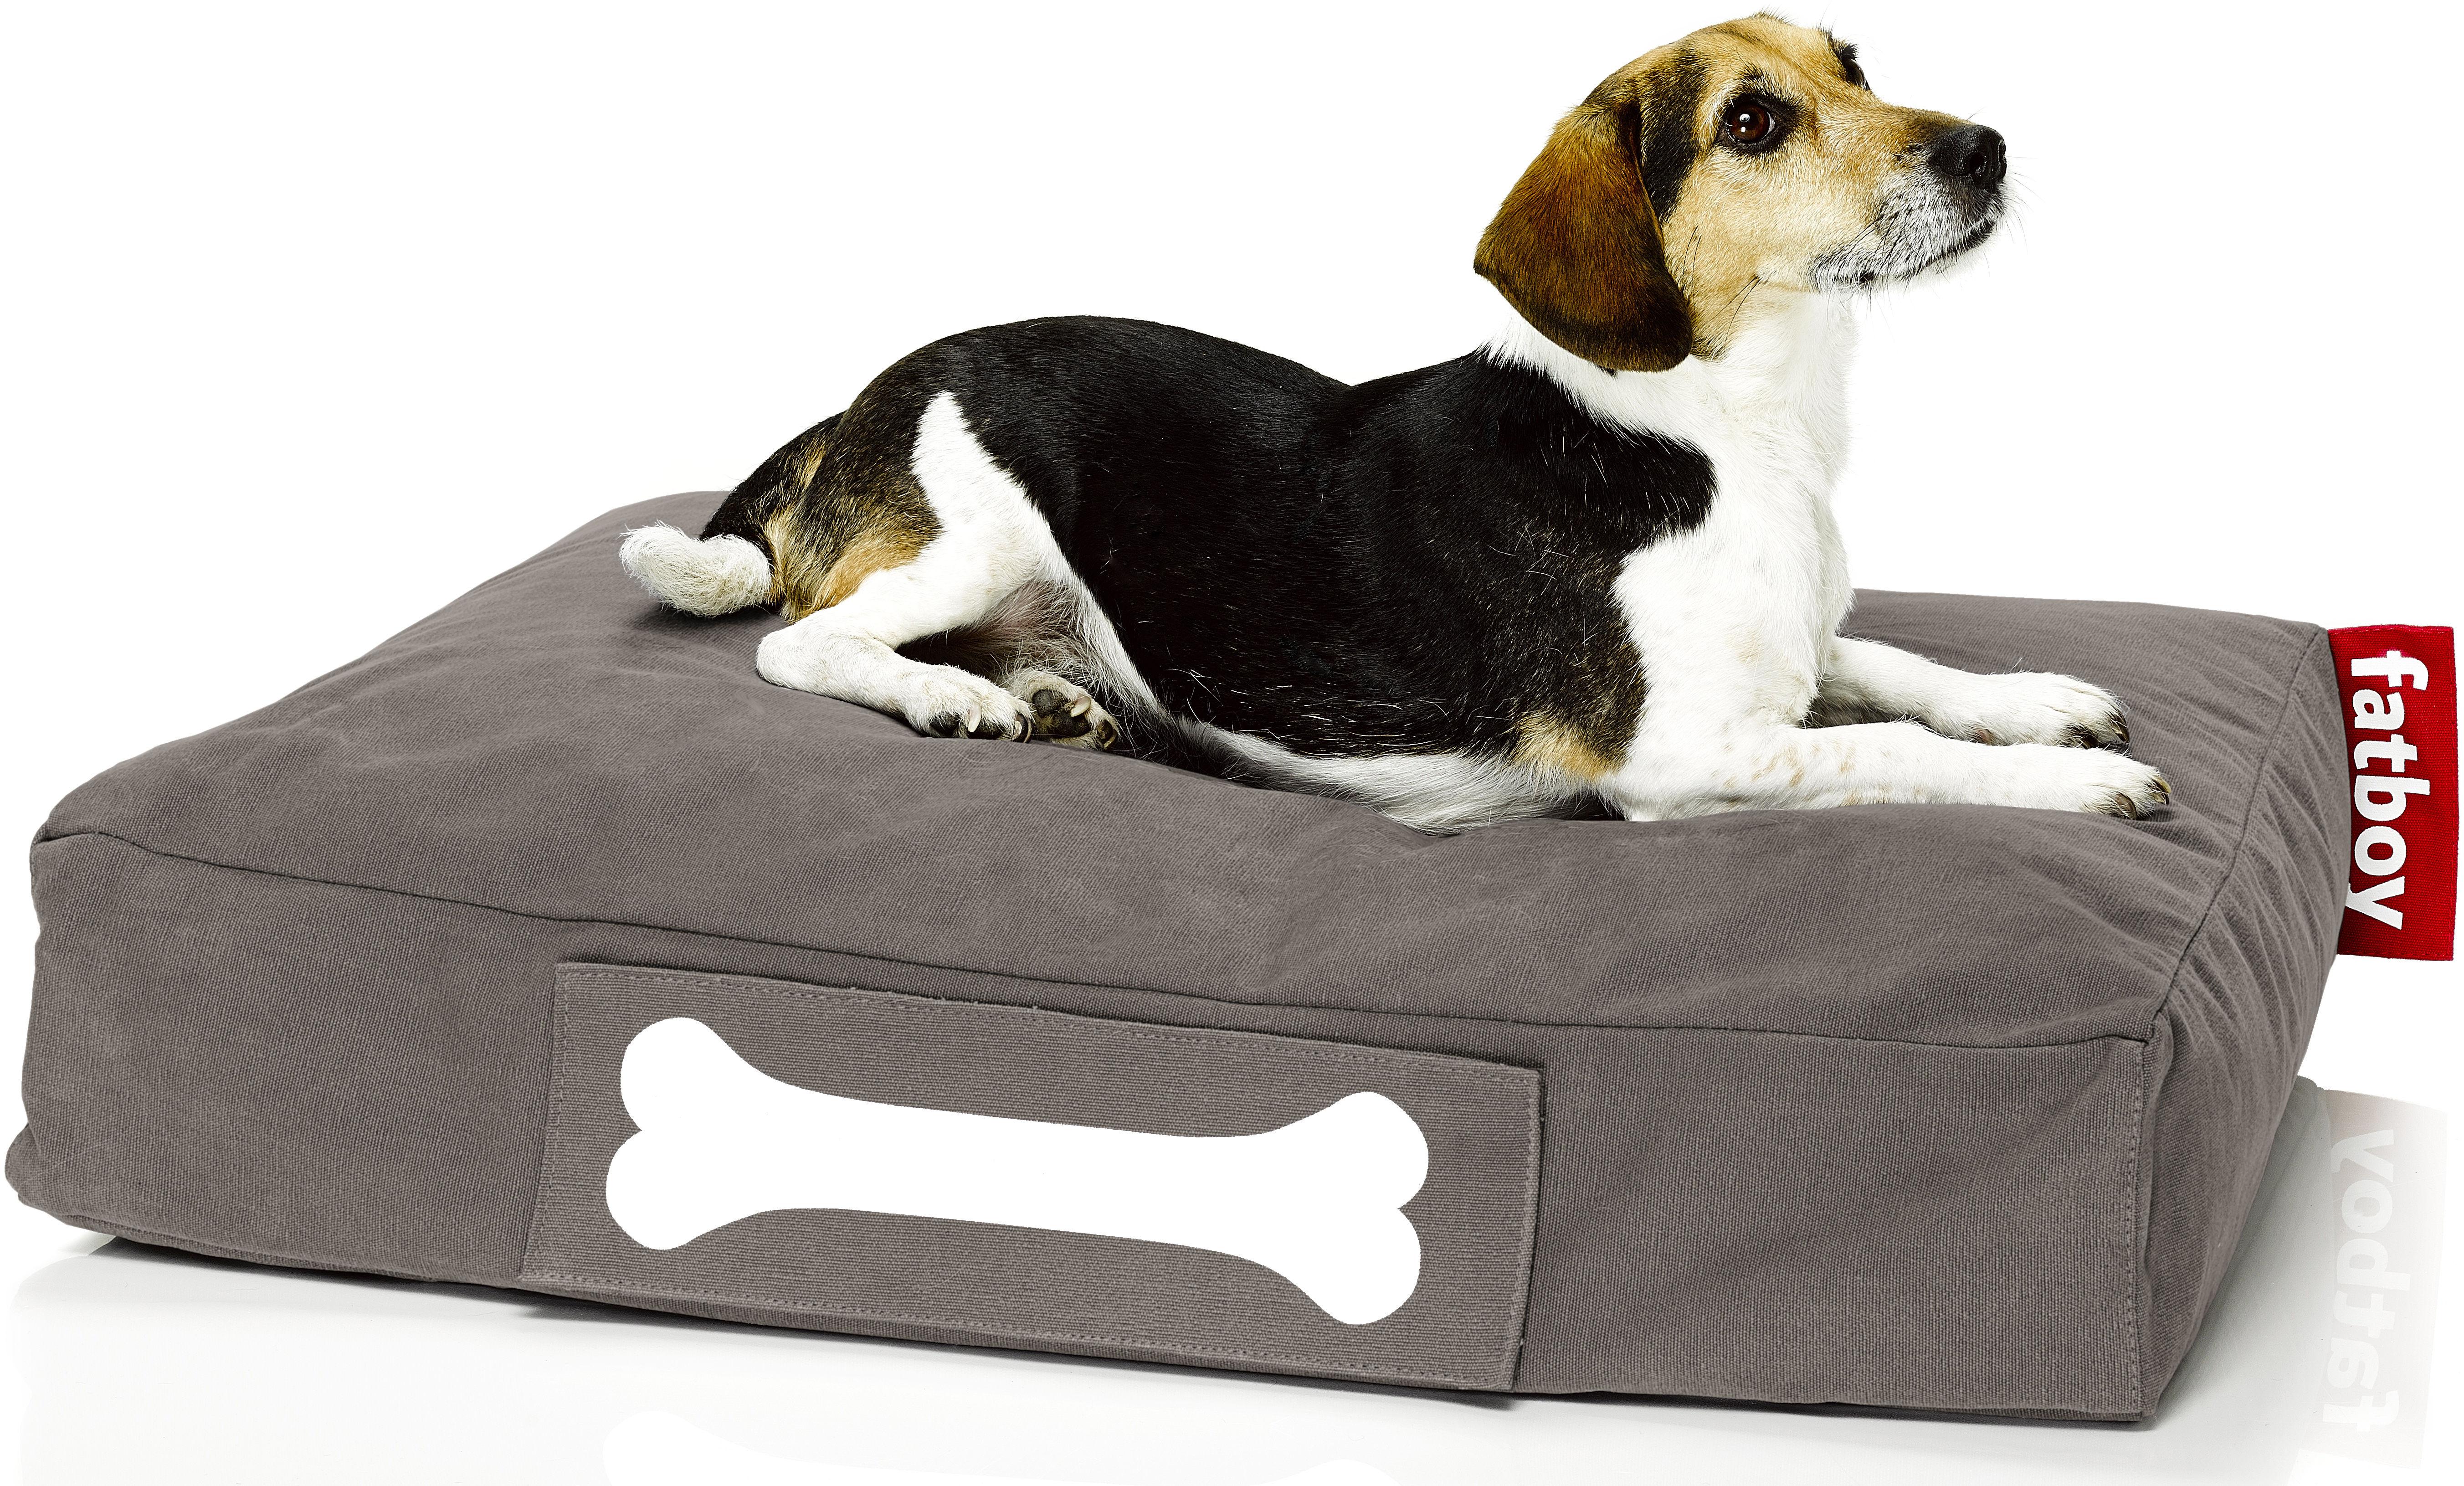 Möbel - Sitzkissen - Doggielounge Stonewashed Sitzkissen / Small - Fatboy - Taupe - Baumwolle